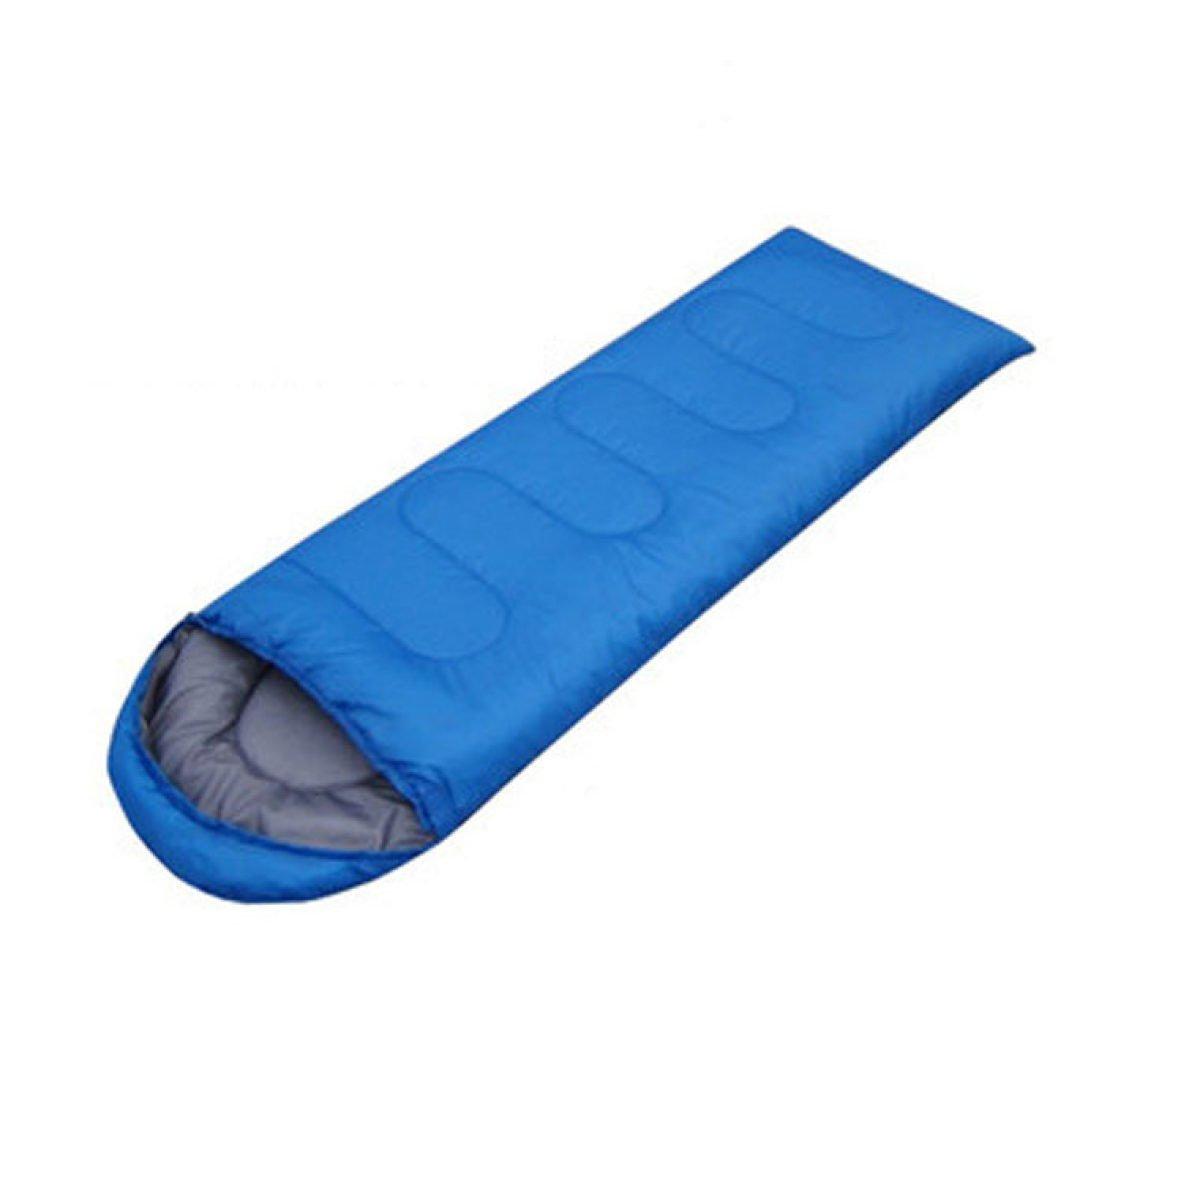 Addora Al Aire Libre Sacos De Dormir Engrosamiento Calientes Bolsas De Dormir Capó: Amazon.es: Deportes y aire libre